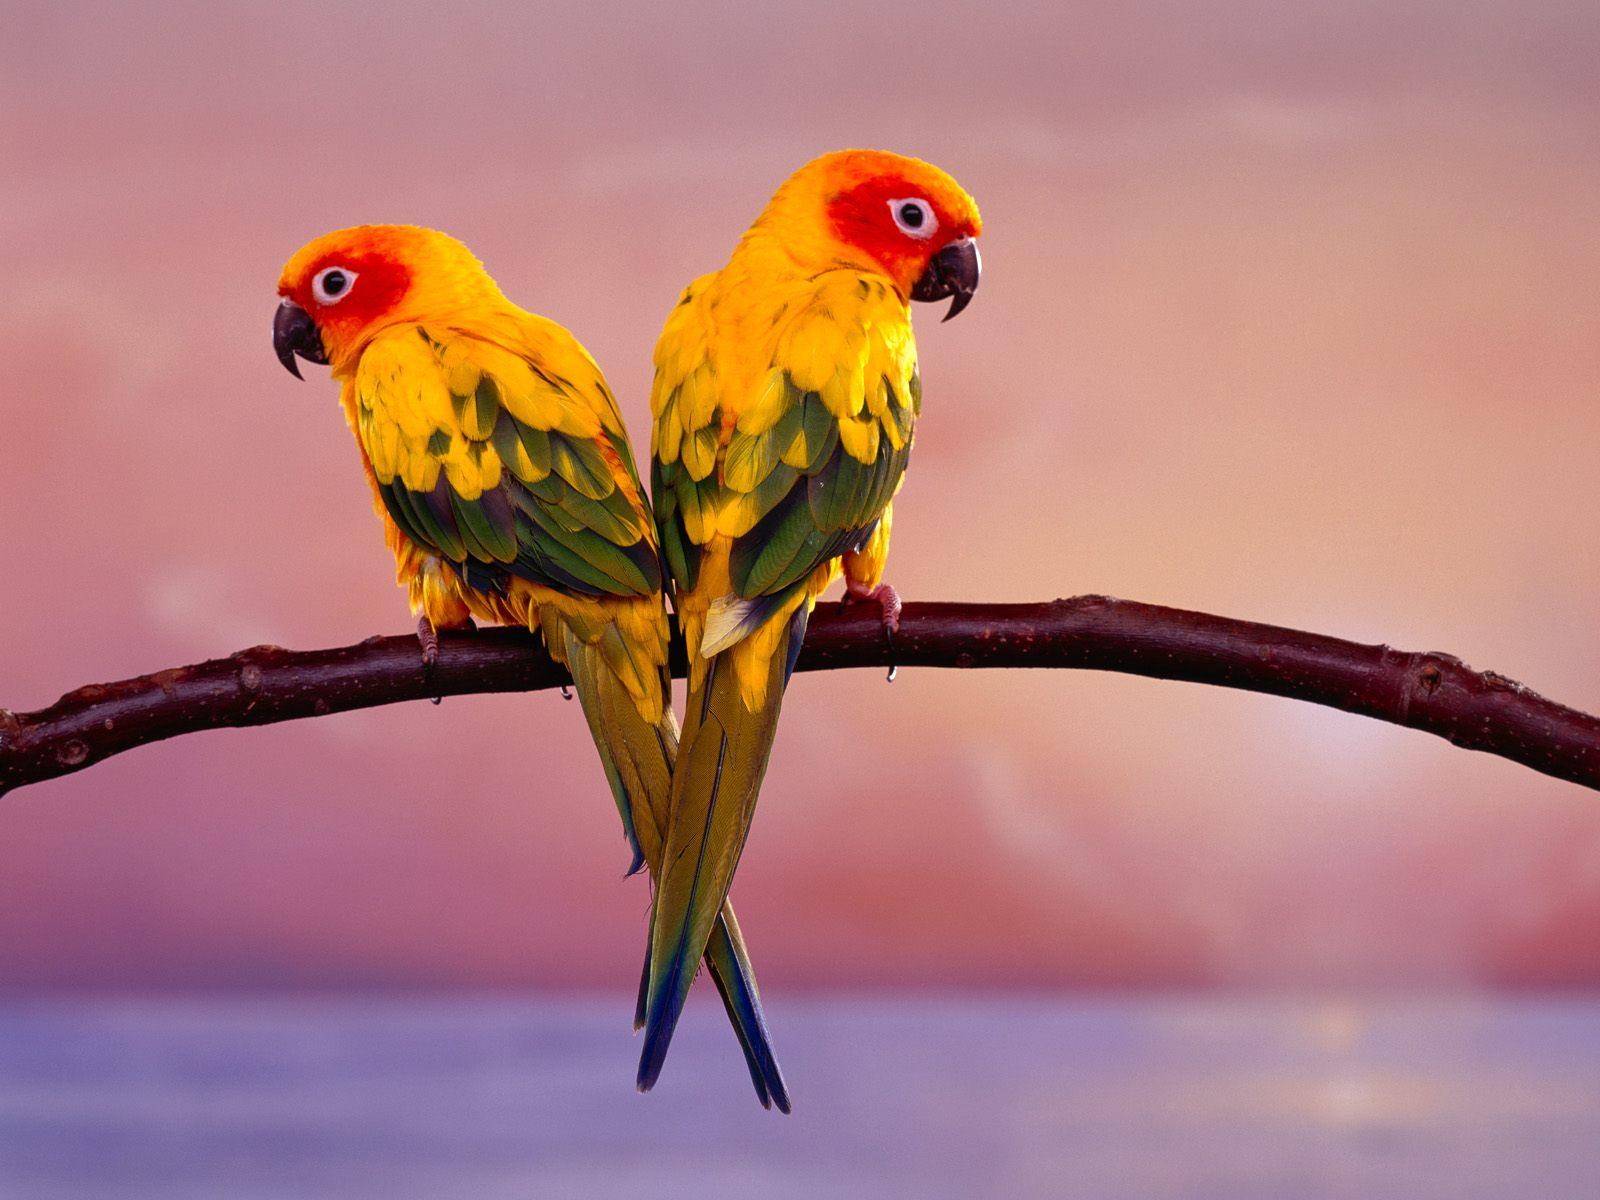 birds hd widescreen wallpaper hd wallpaper